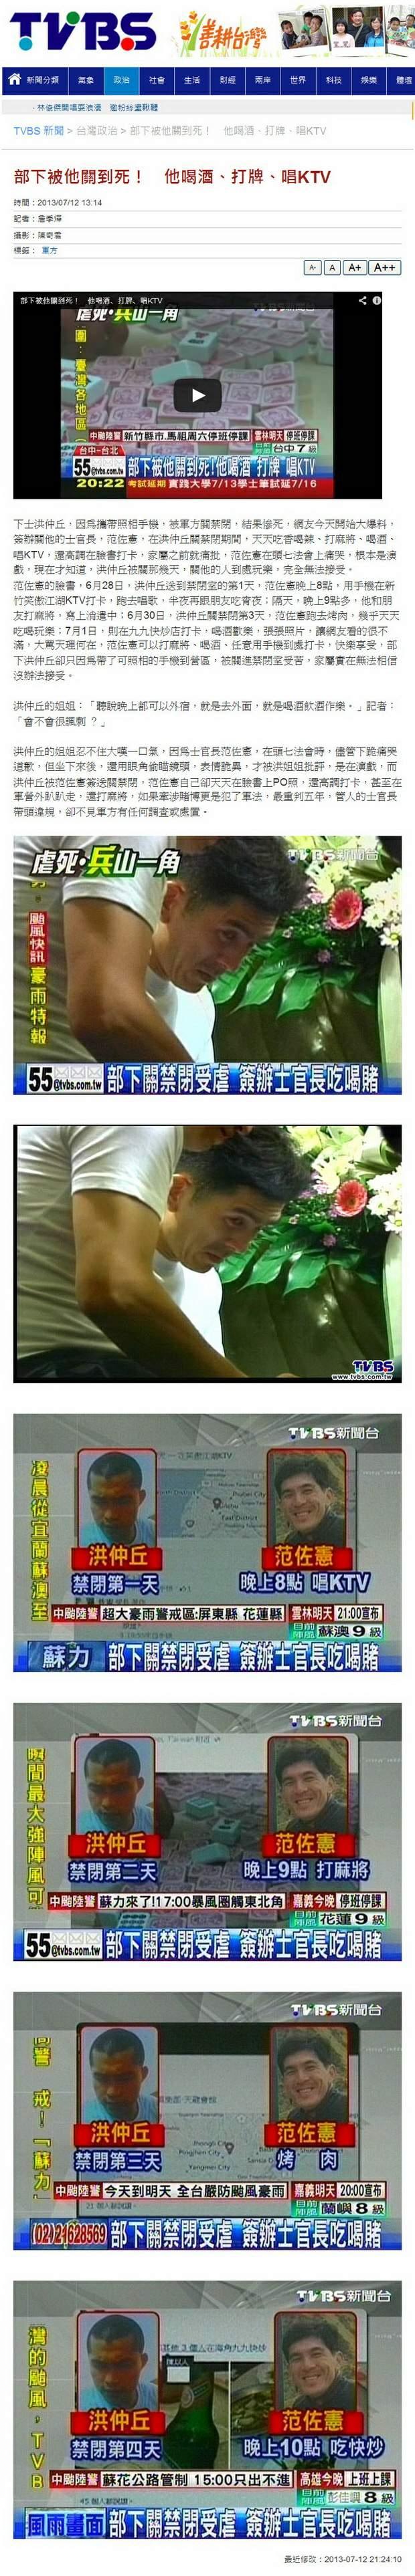 部下被他關到死! 他喝酒、打牌、唱KTV-2013.07.12-01.jpg